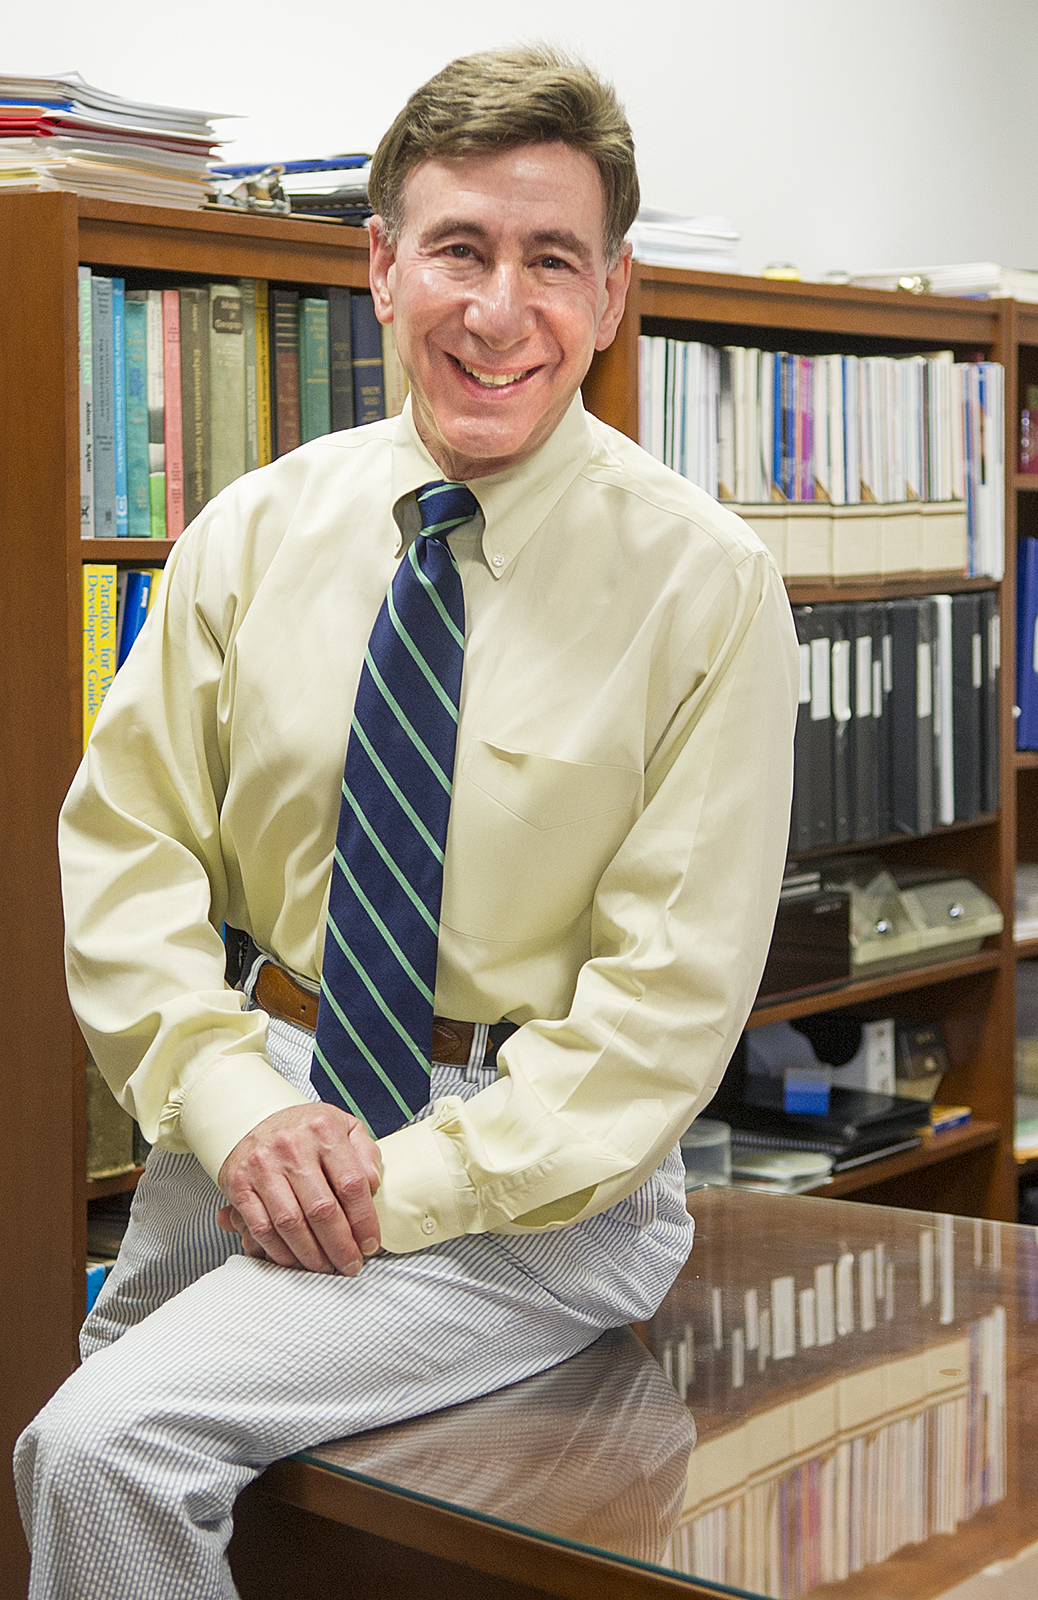 Dr. Eric Solomon